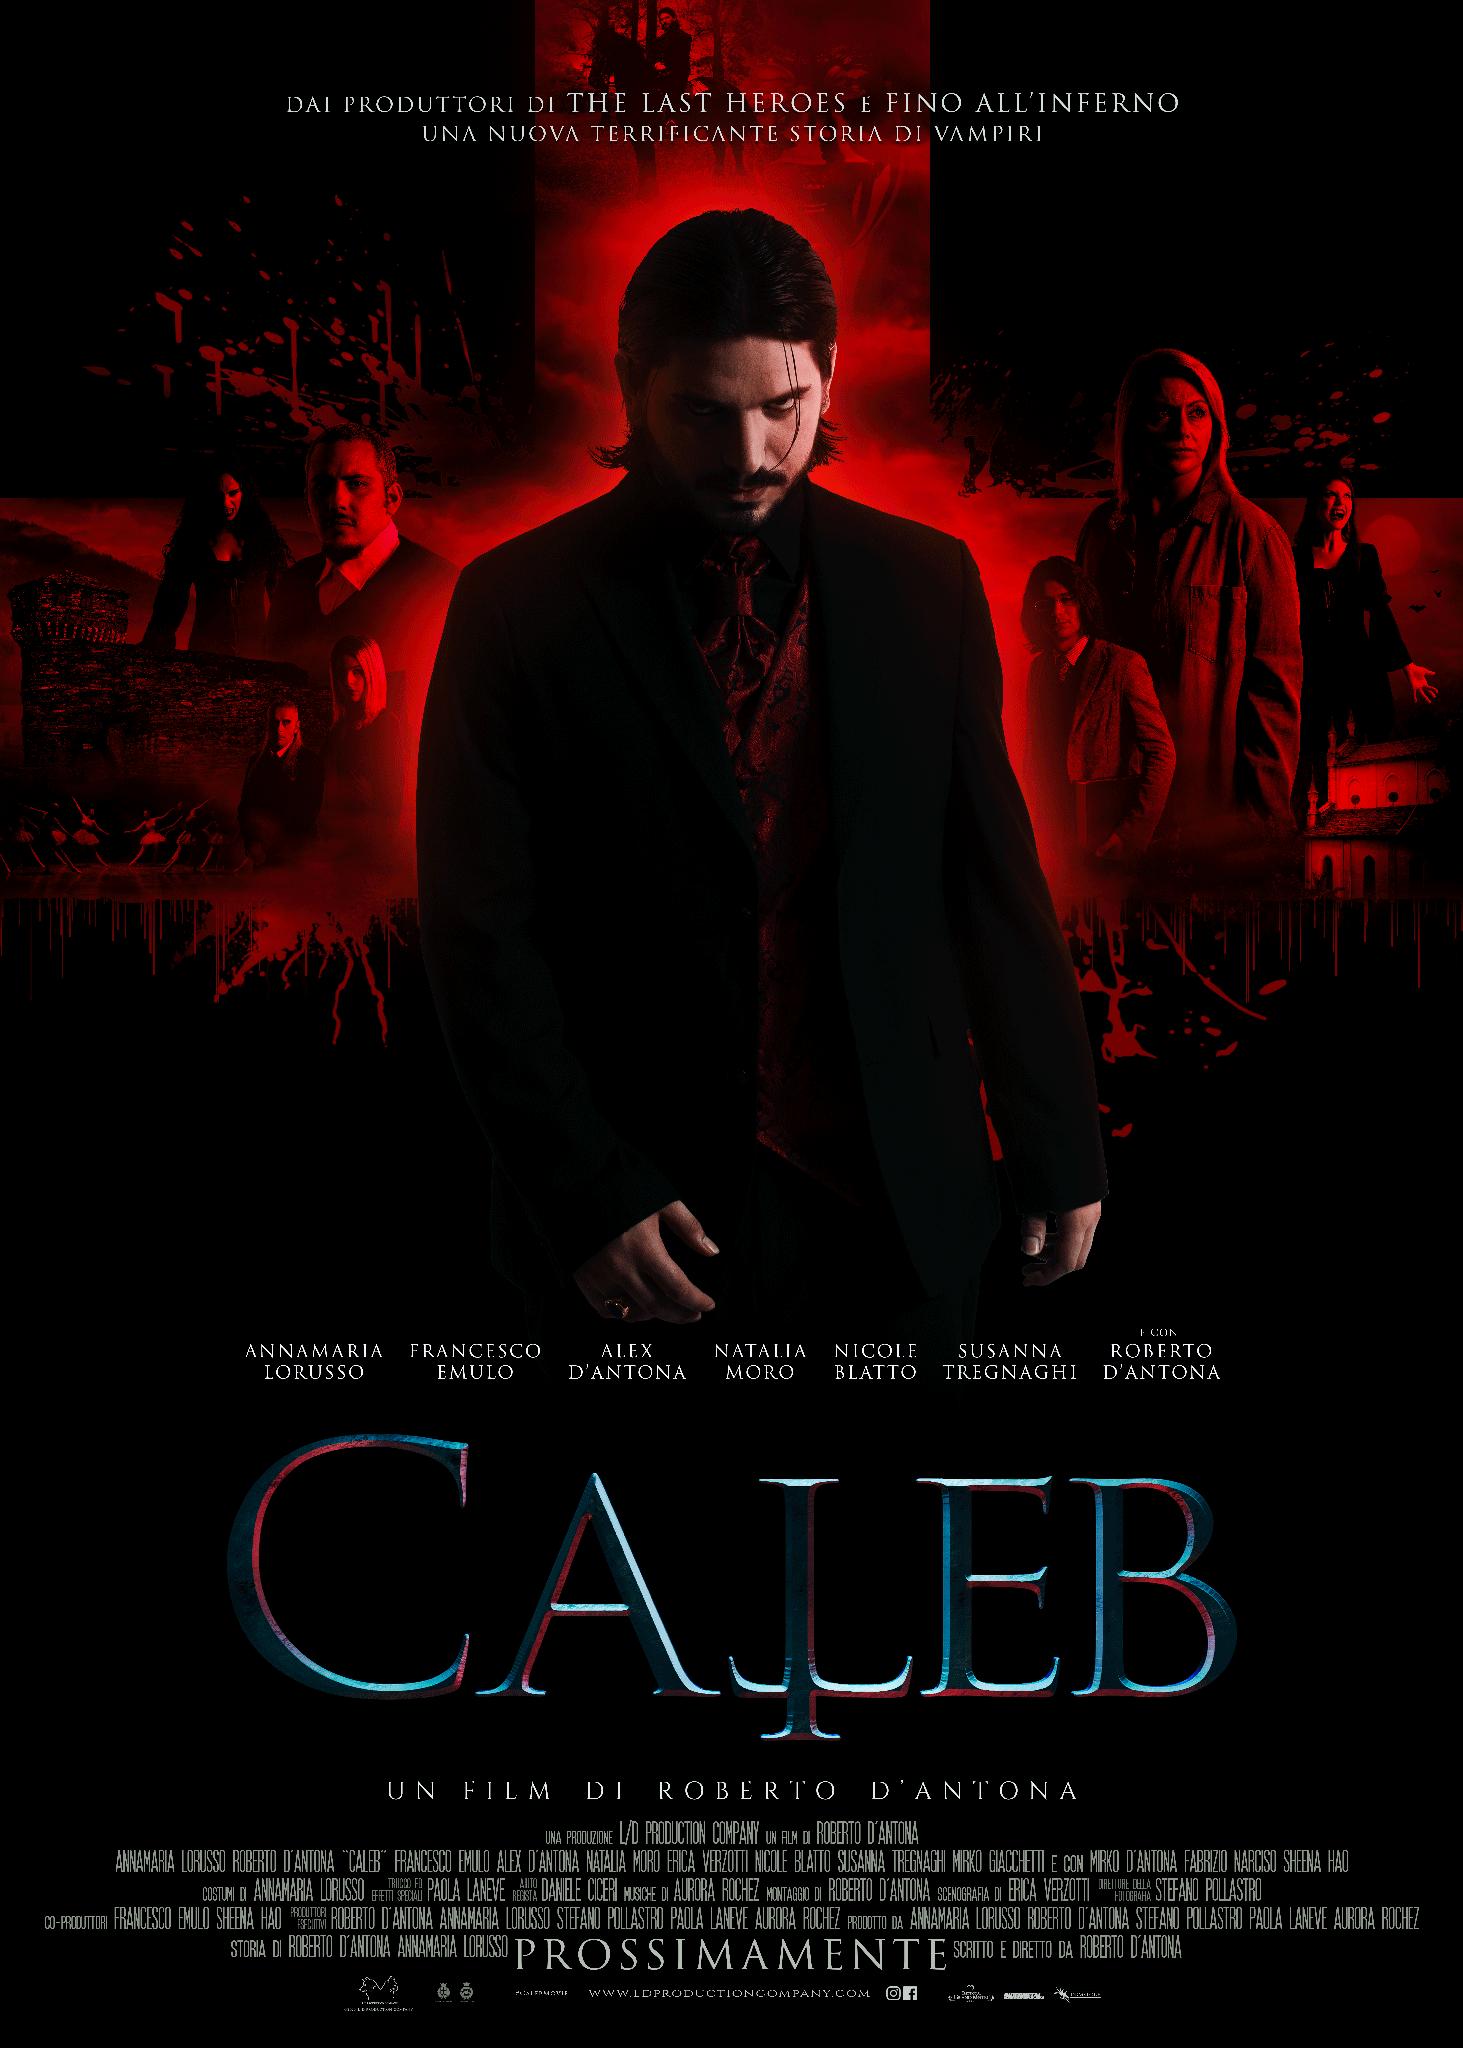 [NEWS] Il teaser trailer di Caleb, il nuovo film di Roberto D'Antona